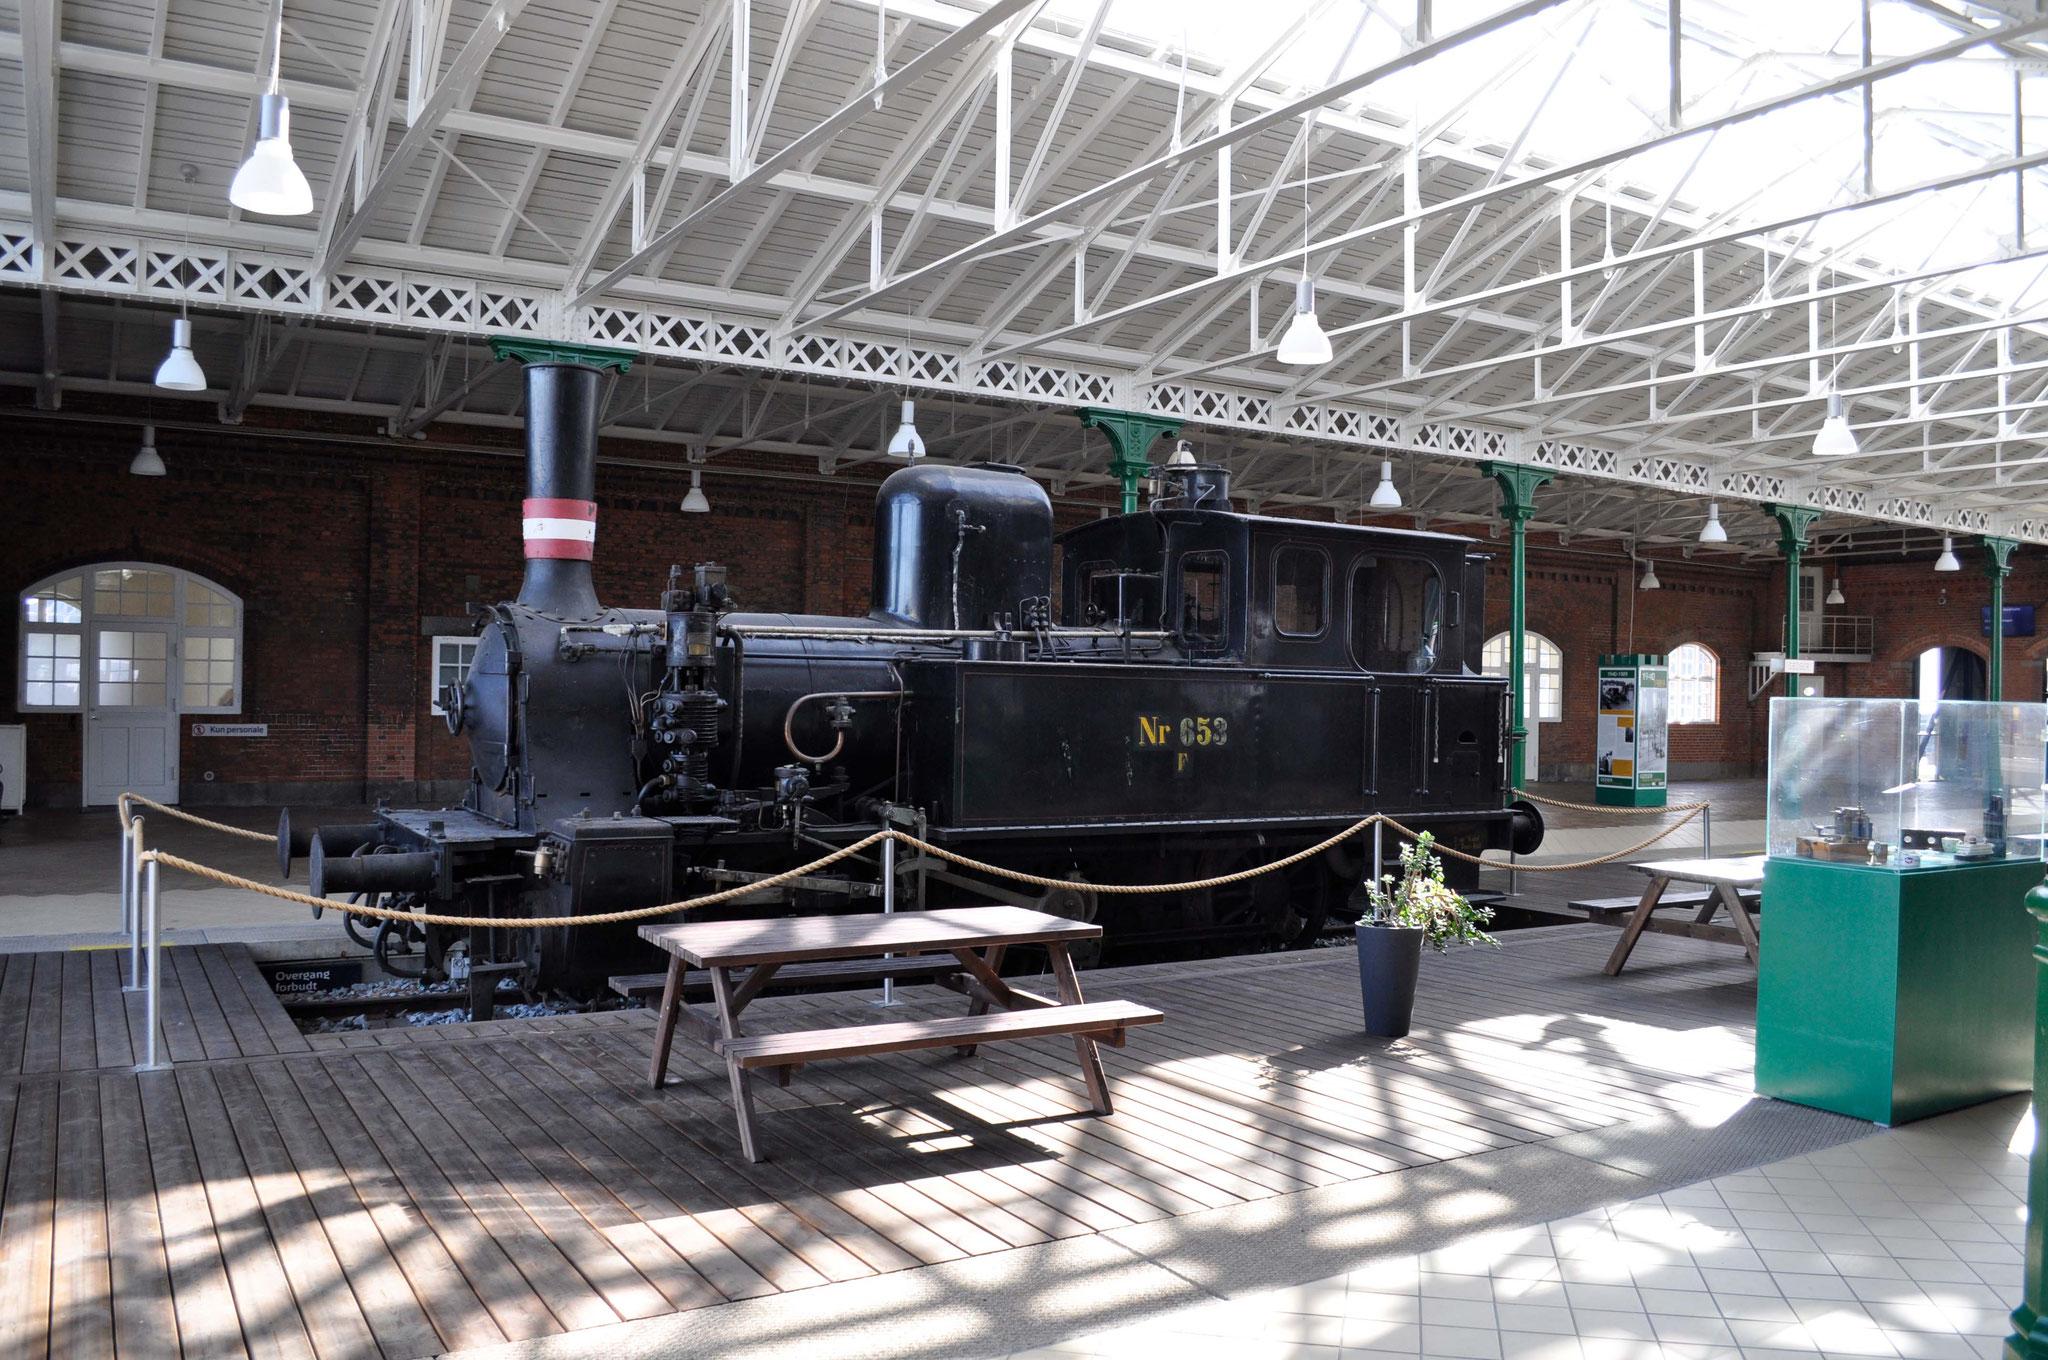 Ausstellung in Gedser zur Geschichte der Fährverbindung Rostock-Gedser.